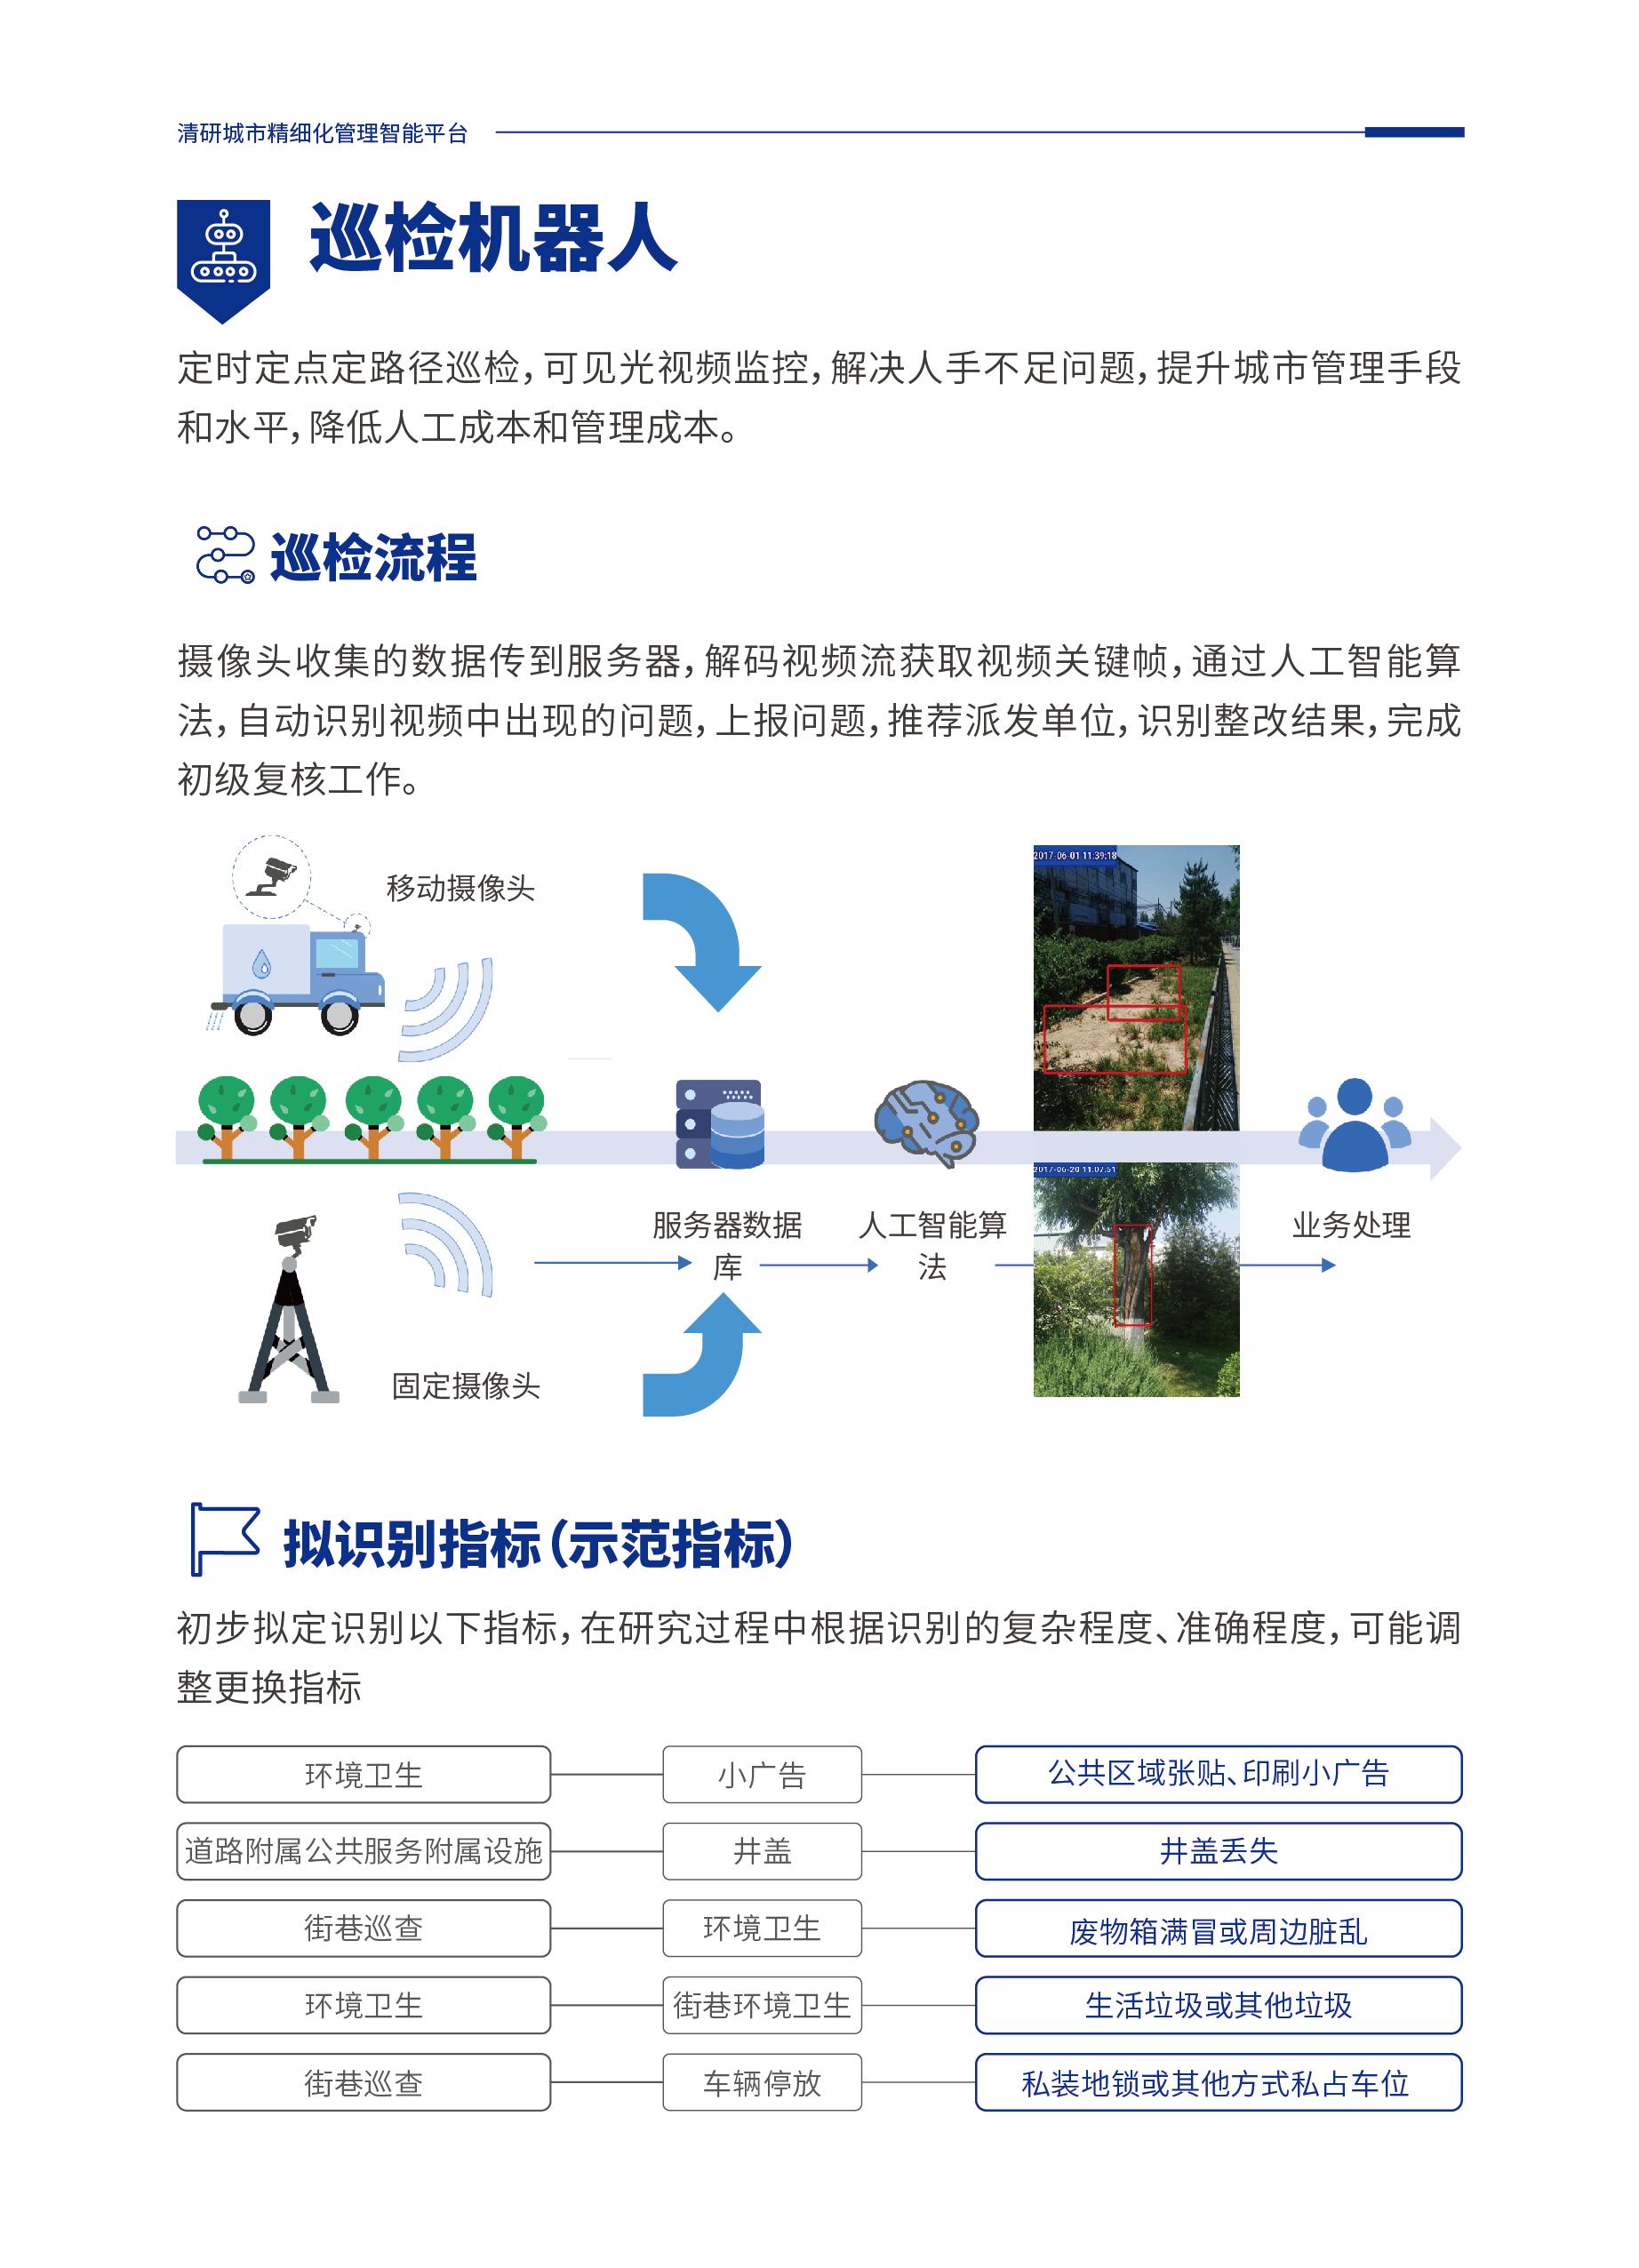 清研科技   重磅!城市精细化管理考评智能平台上线发布